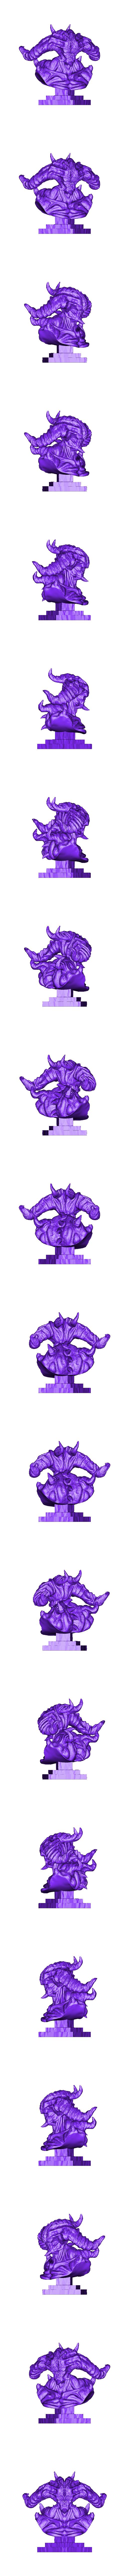 Demon Head + Base 17CM OBJ.obj Télécharger fichier OBJ Modèle d'impression 3D du buste du démon • Design imprimable en 3D, belksasar3dprint